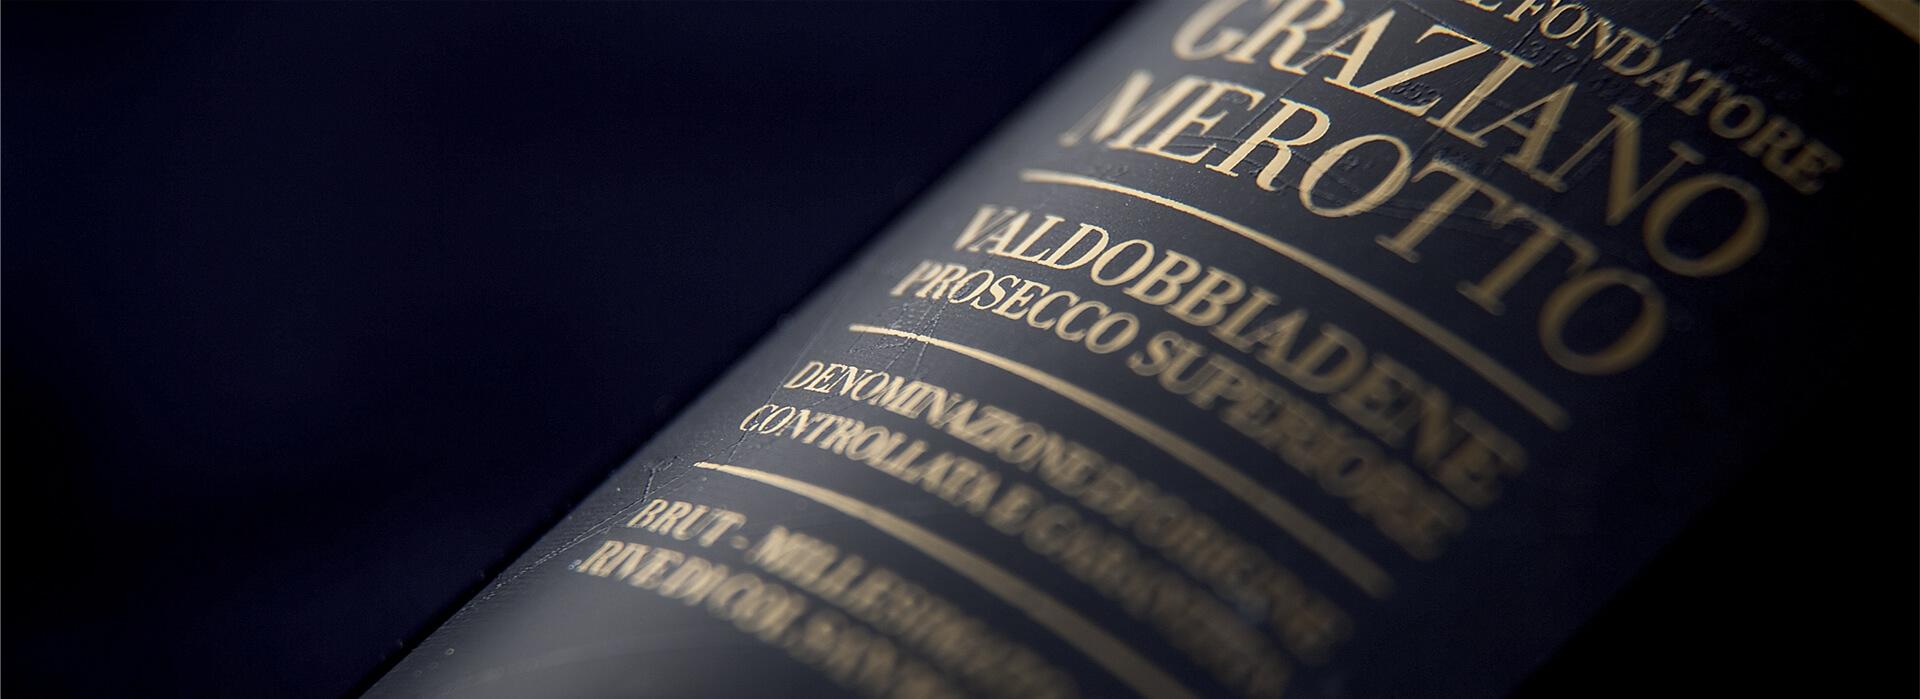 Merotto Spumanti - cuvee-del-fondatore-graziano-merotto-bottom